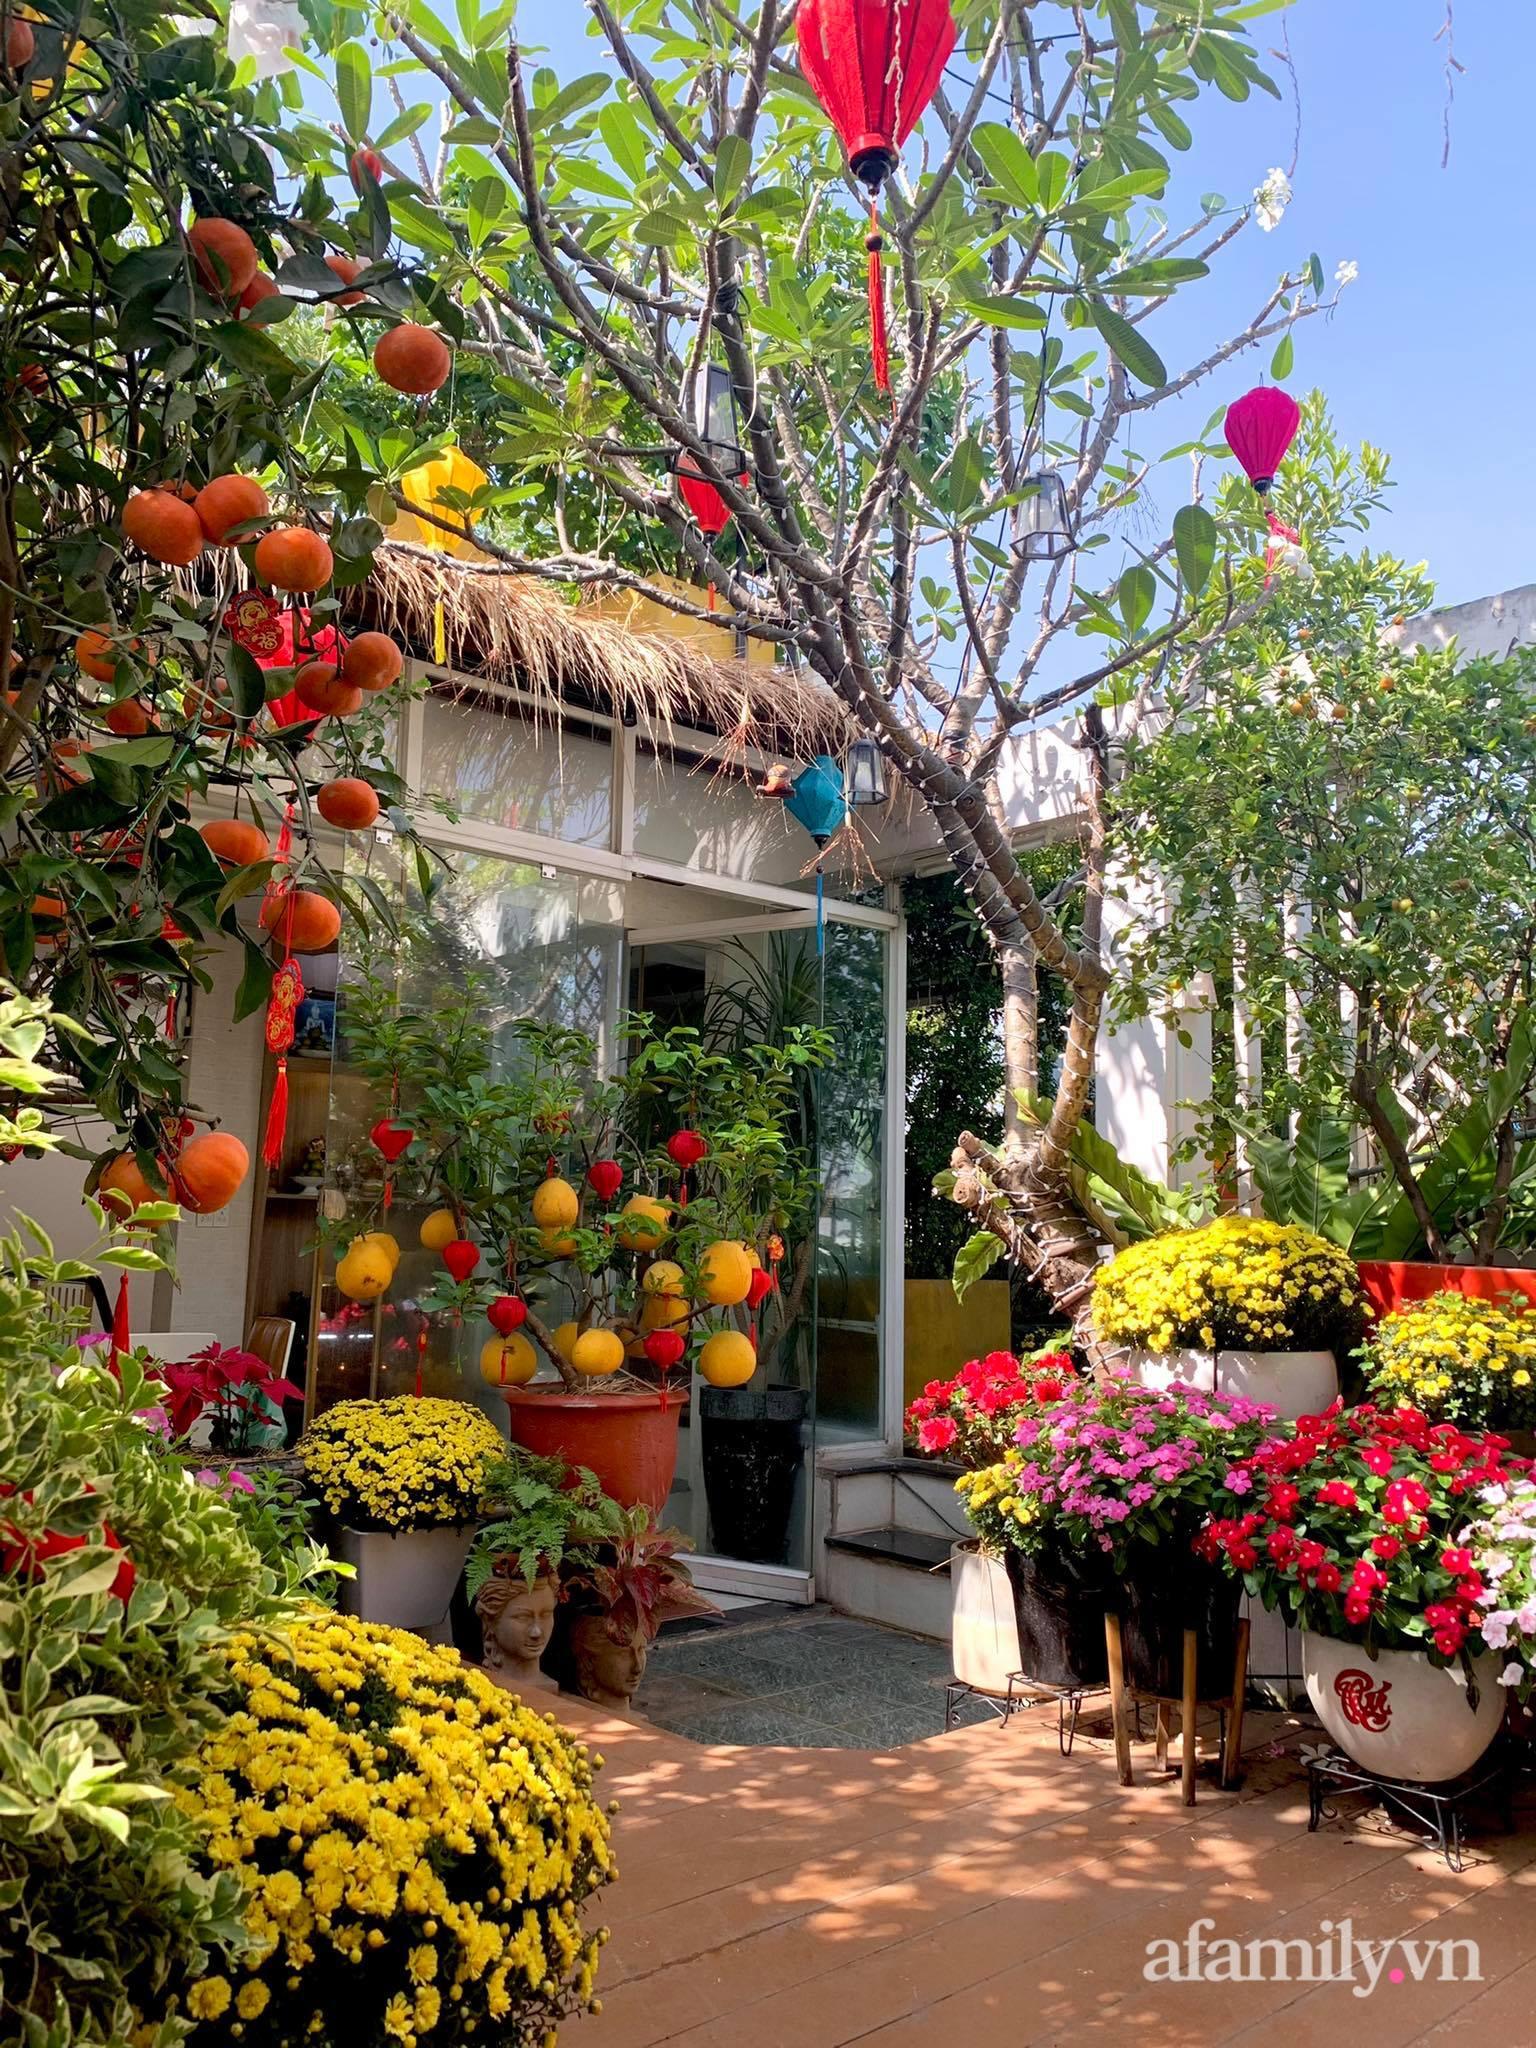 Mùng 1 đầu năm cùng ghé thăm sân thượng mang sắc màu Tết truyền thống của mẹ đảm ở Sài Gòn-40